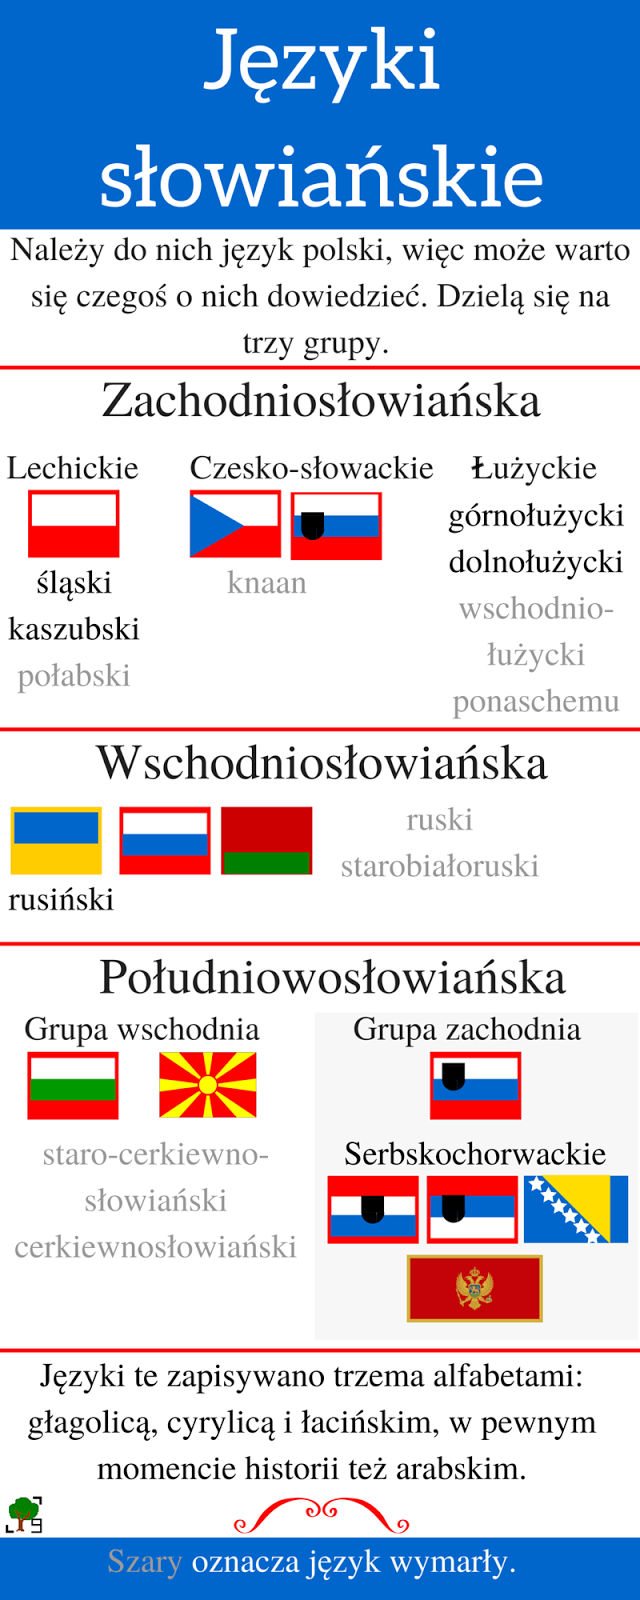 polski, słowiański, lingwistyka, zachodniosłowiański, południowosłowiański, wschodniosłowiański, ukraiński, rosyjski, czeski